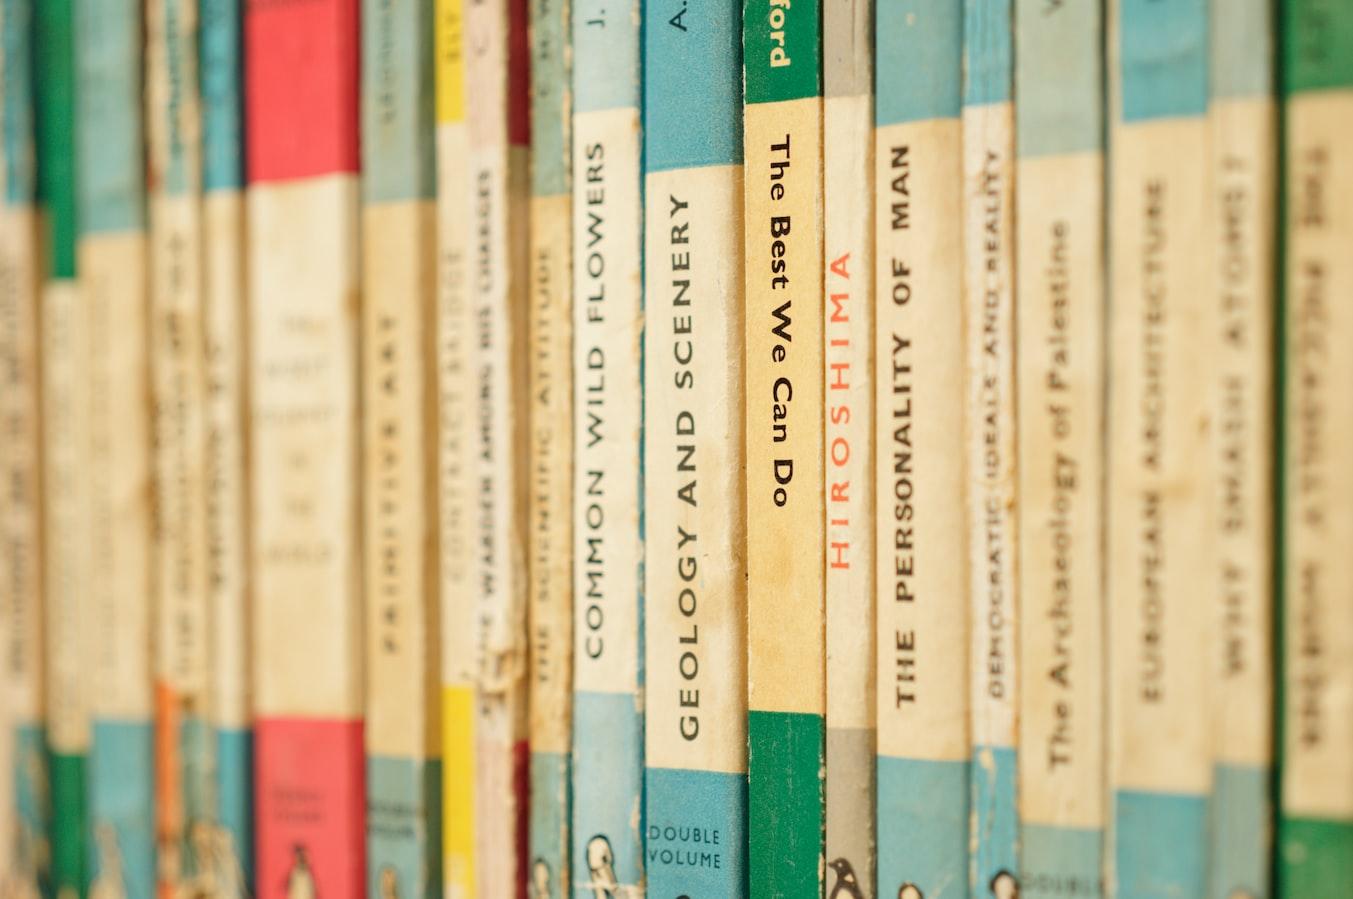 Classic mid-century Penguin books